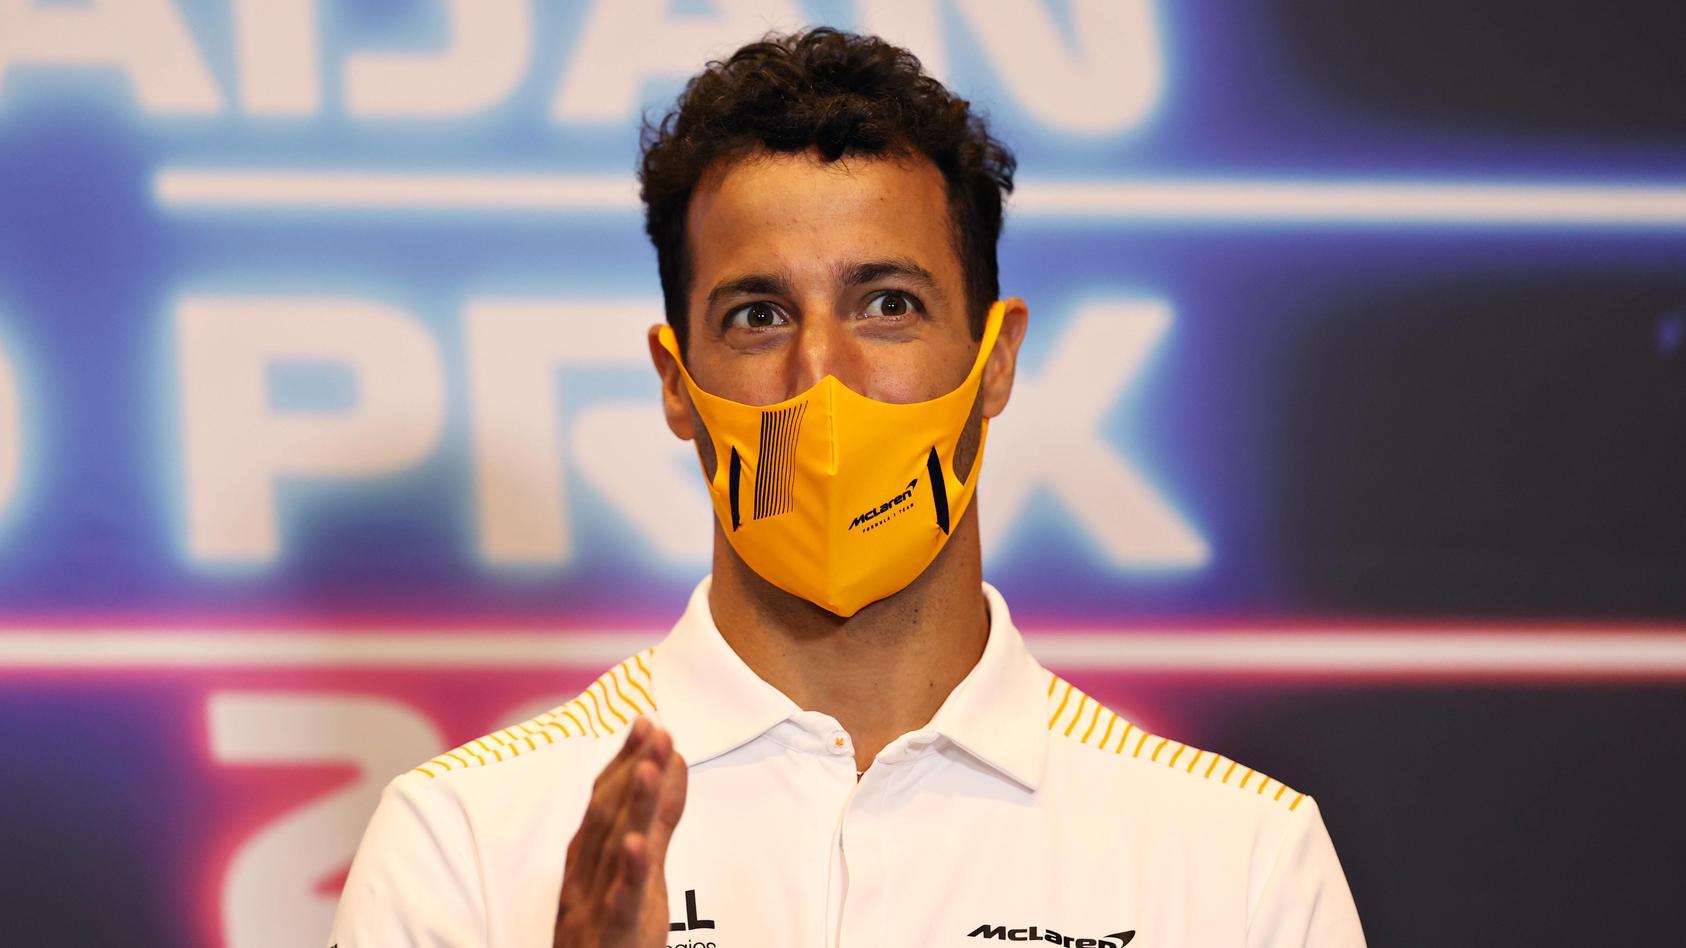 Eine gute Seele durch und durch: Daniel Ricciardo.